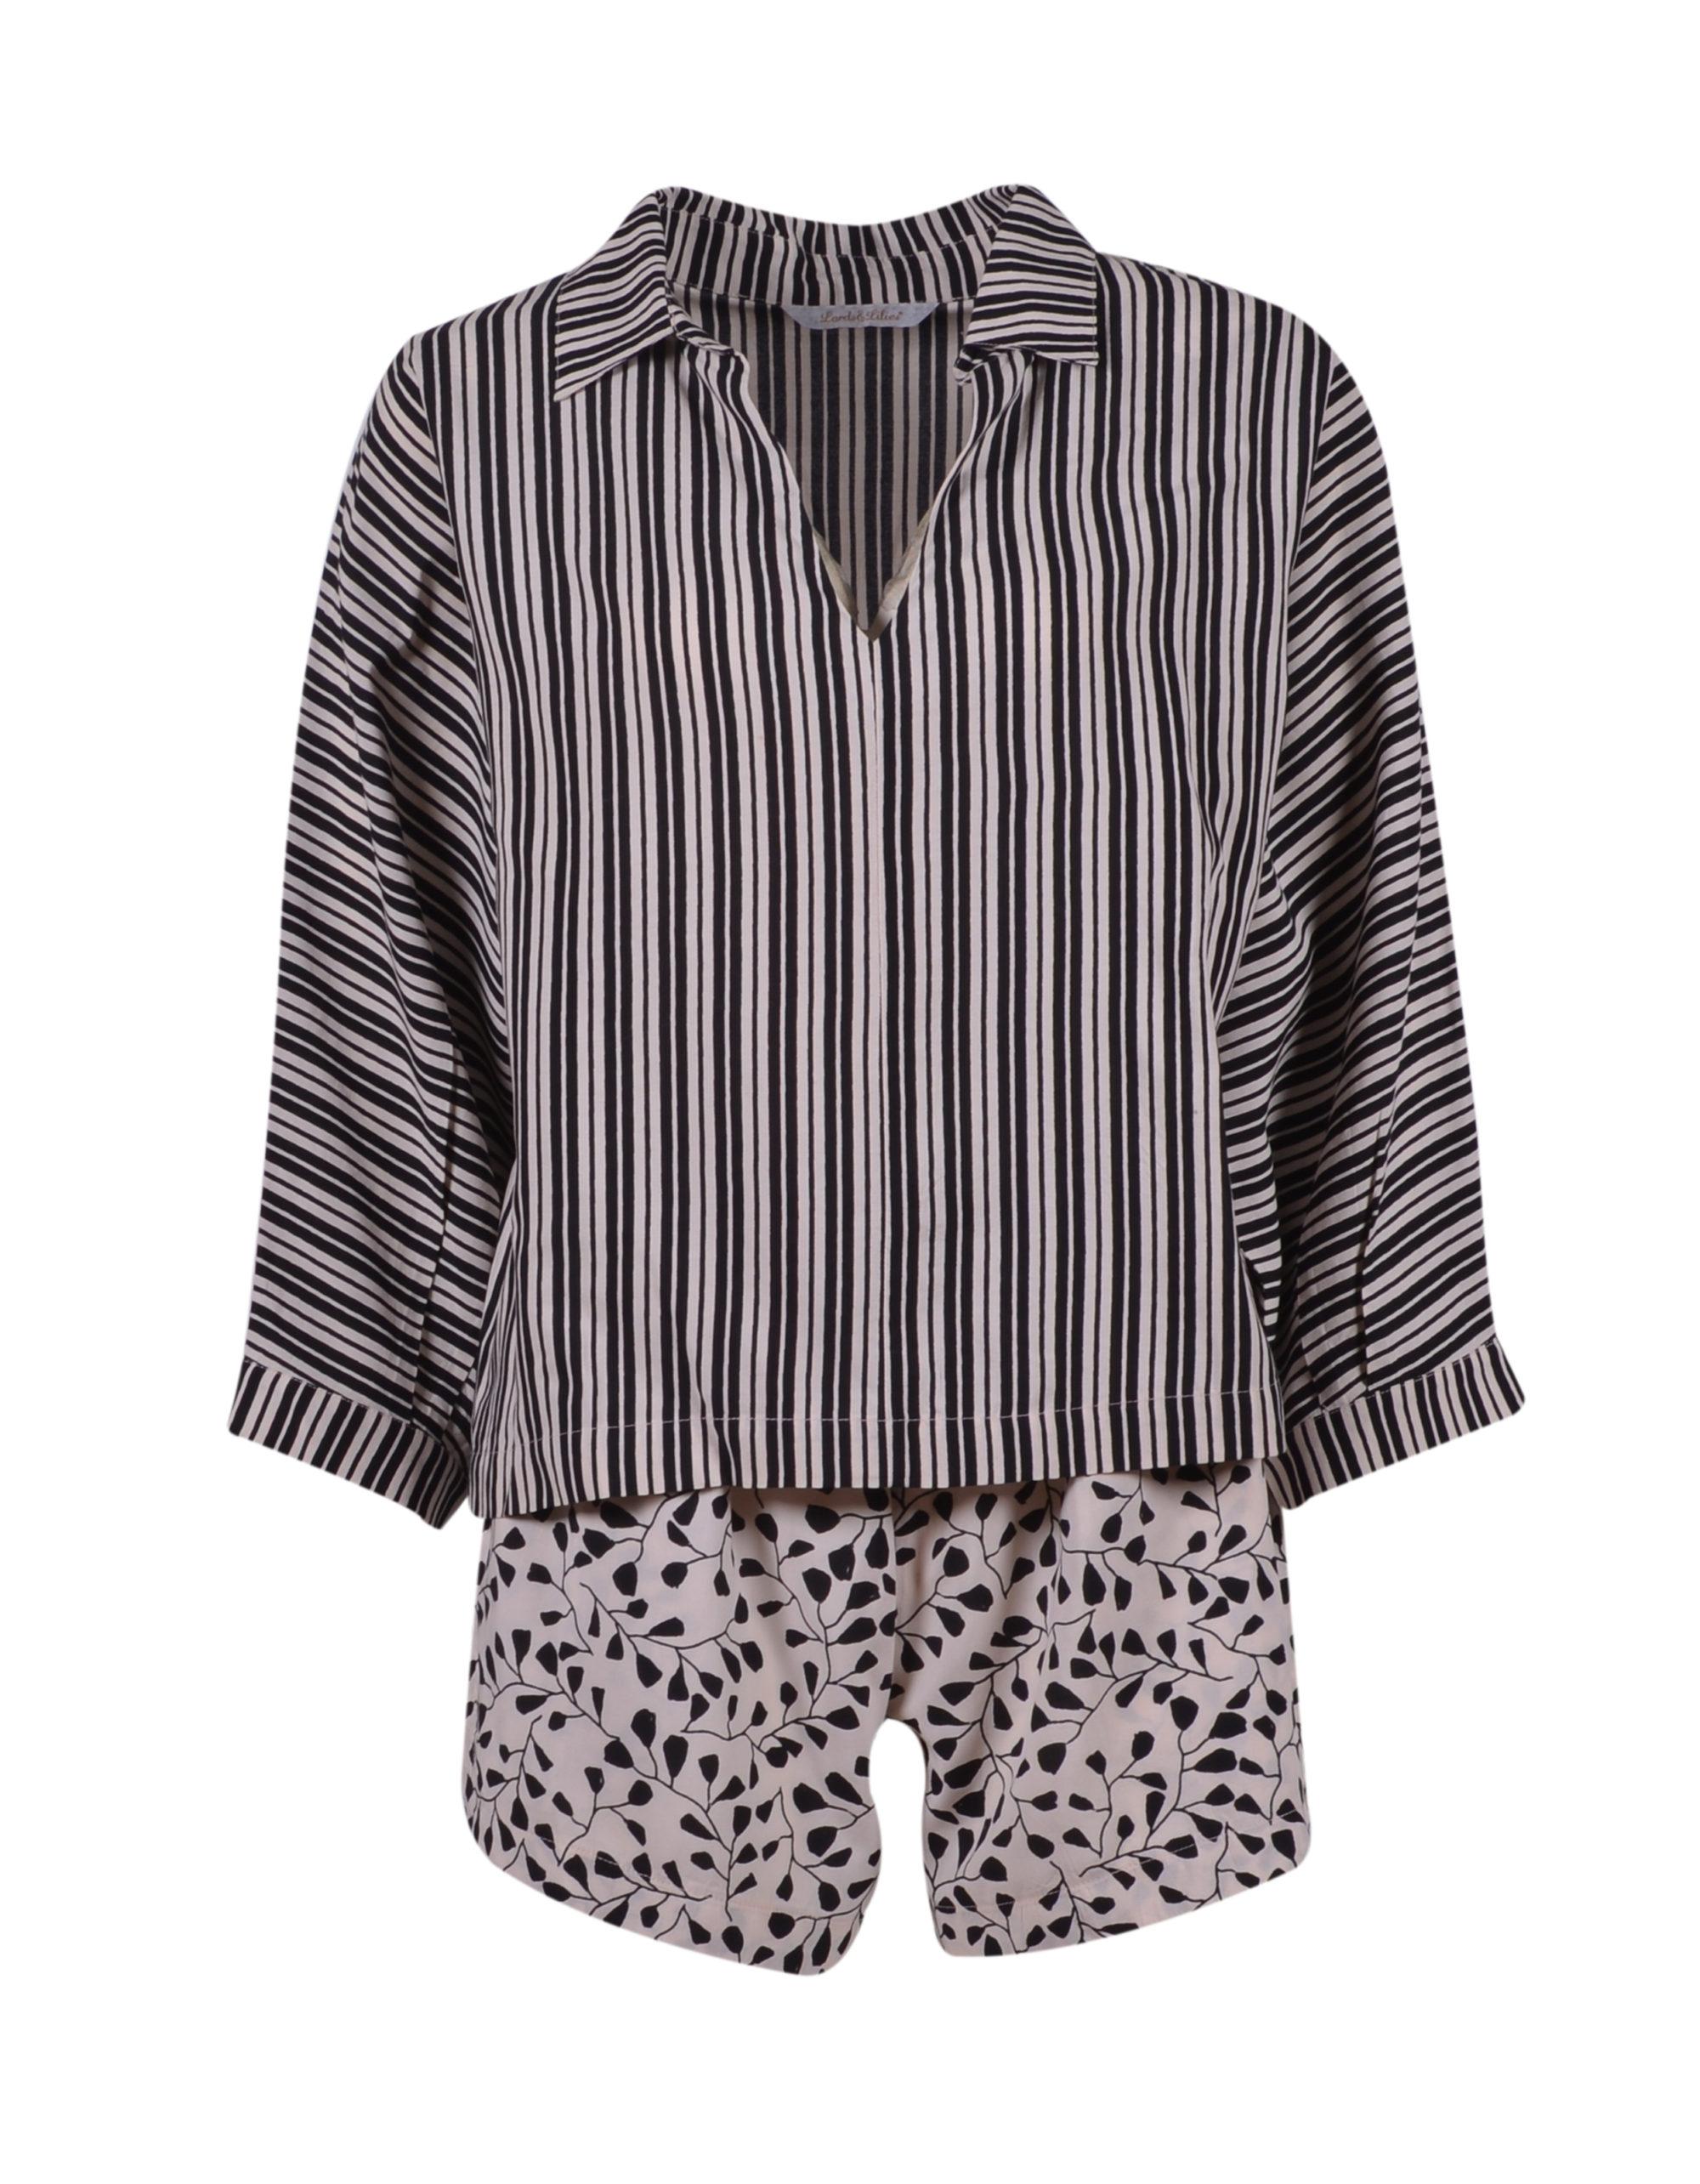 LORDS & LILIES Dames pyjama, zwart-gebroken wit ve